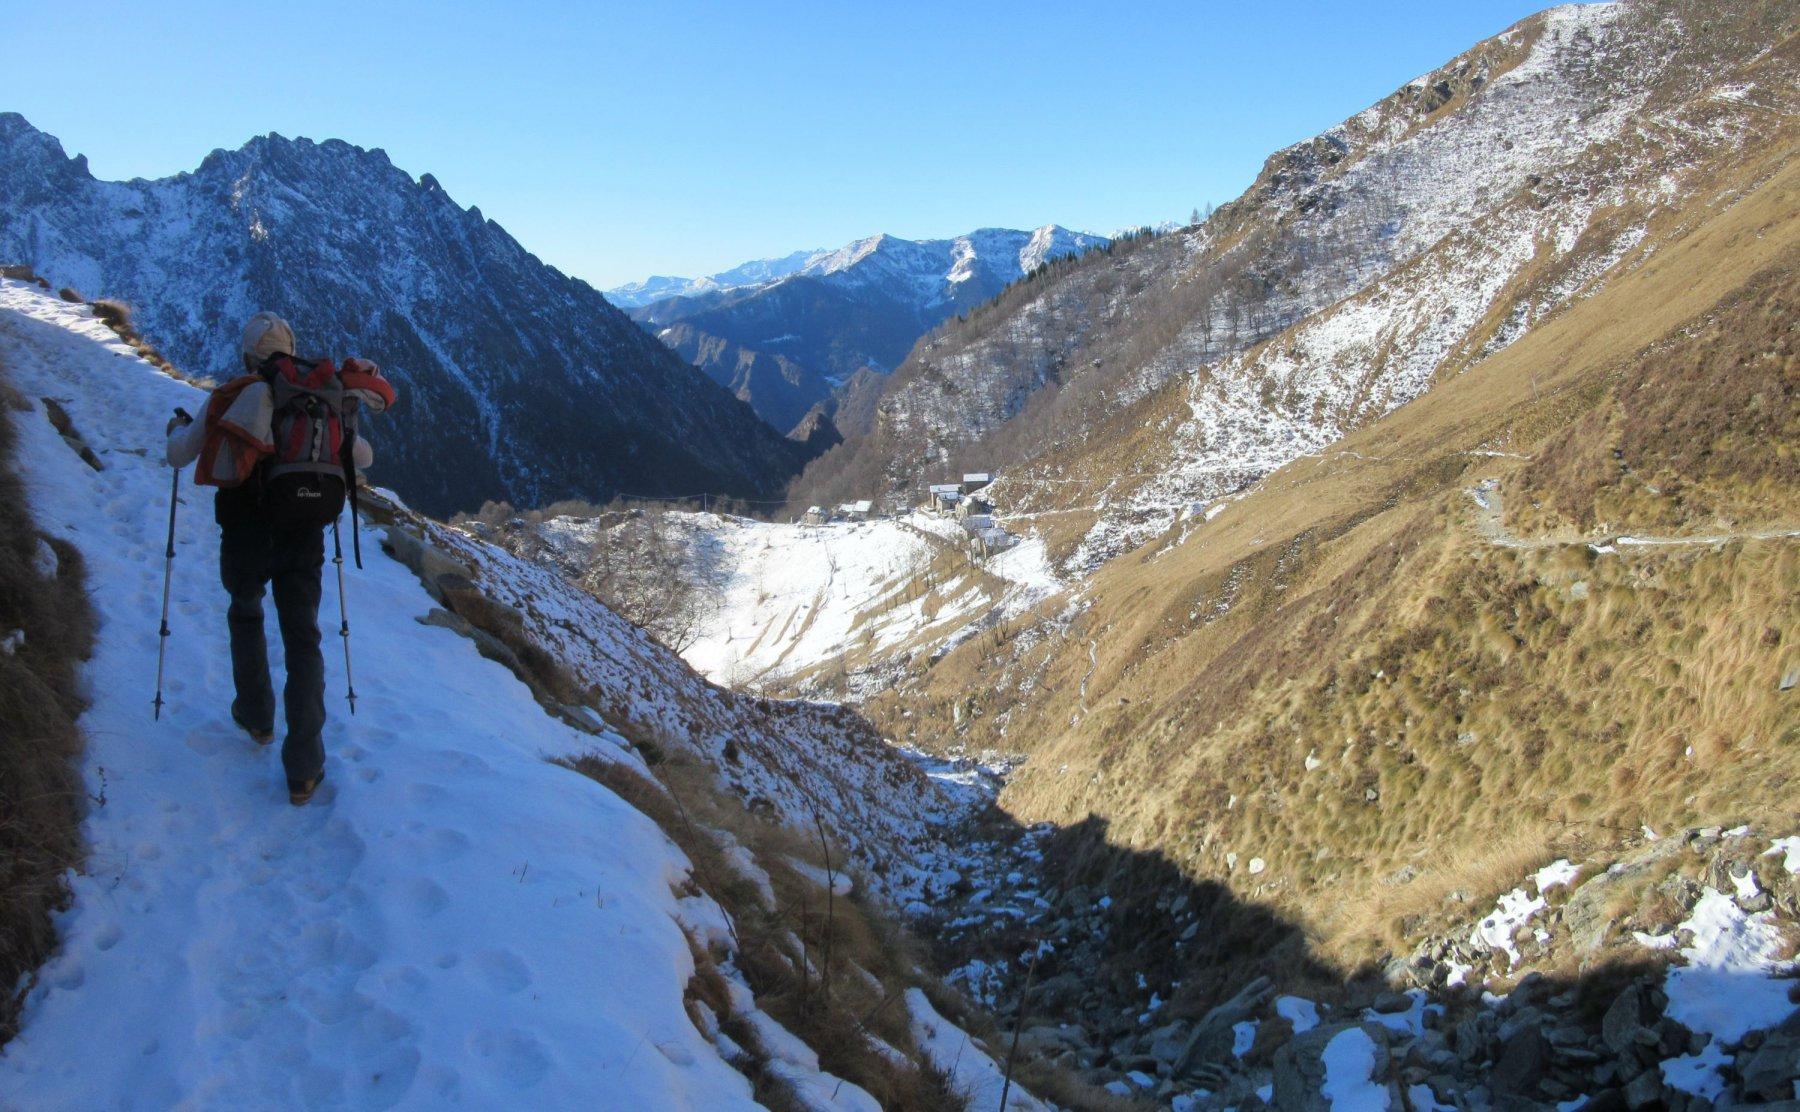 Un po' di neve nel sentiero